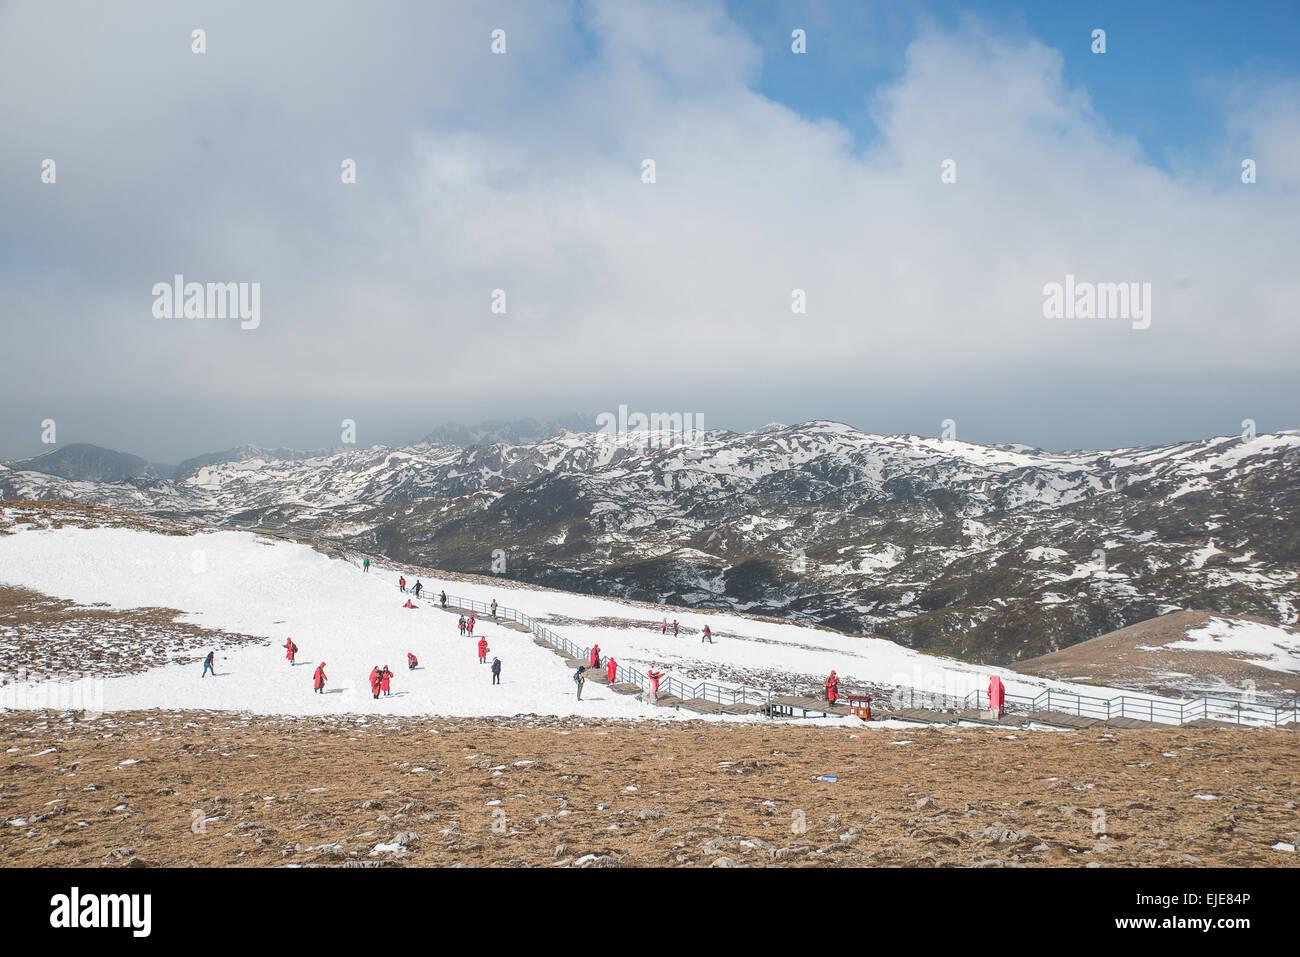 Molti turisti la riproduzione di neve in Valle del Blue Moon in Shangri-La, nella provincia dello Yunnan in Cina. Immagini Stock